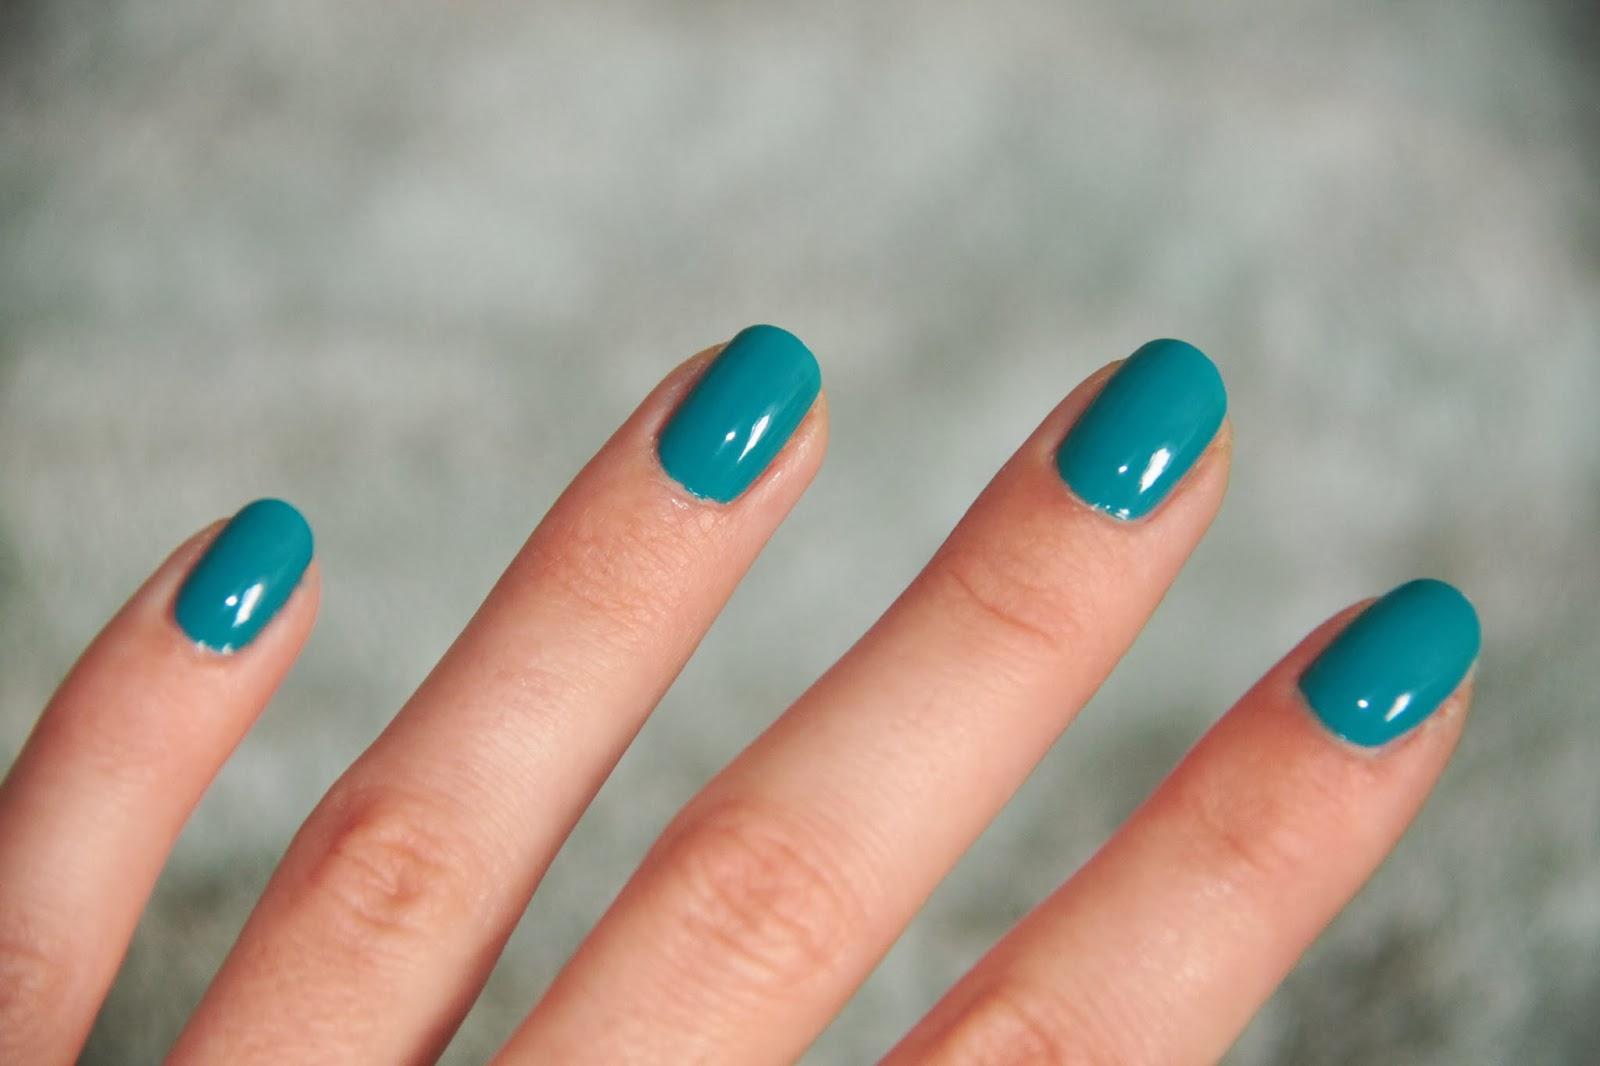 Vernis Kiko bleu 341 Cobalt Green nail art stamping